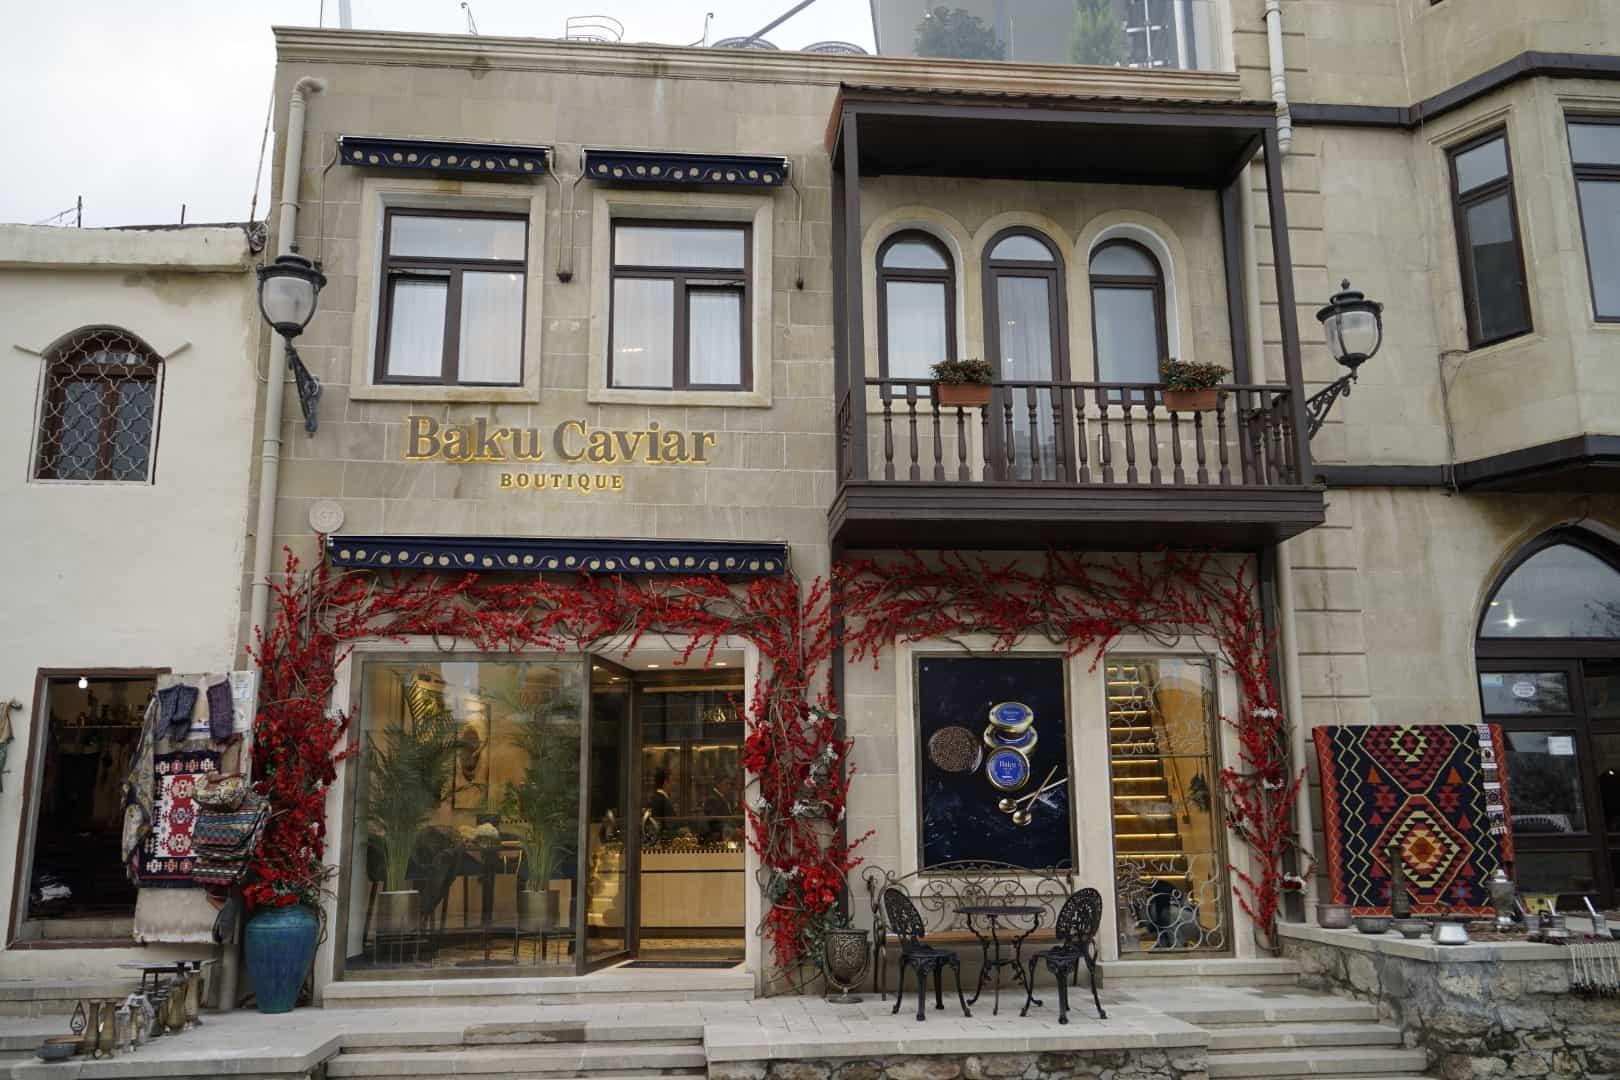 В Азербайджане открылся первый икорный бутик